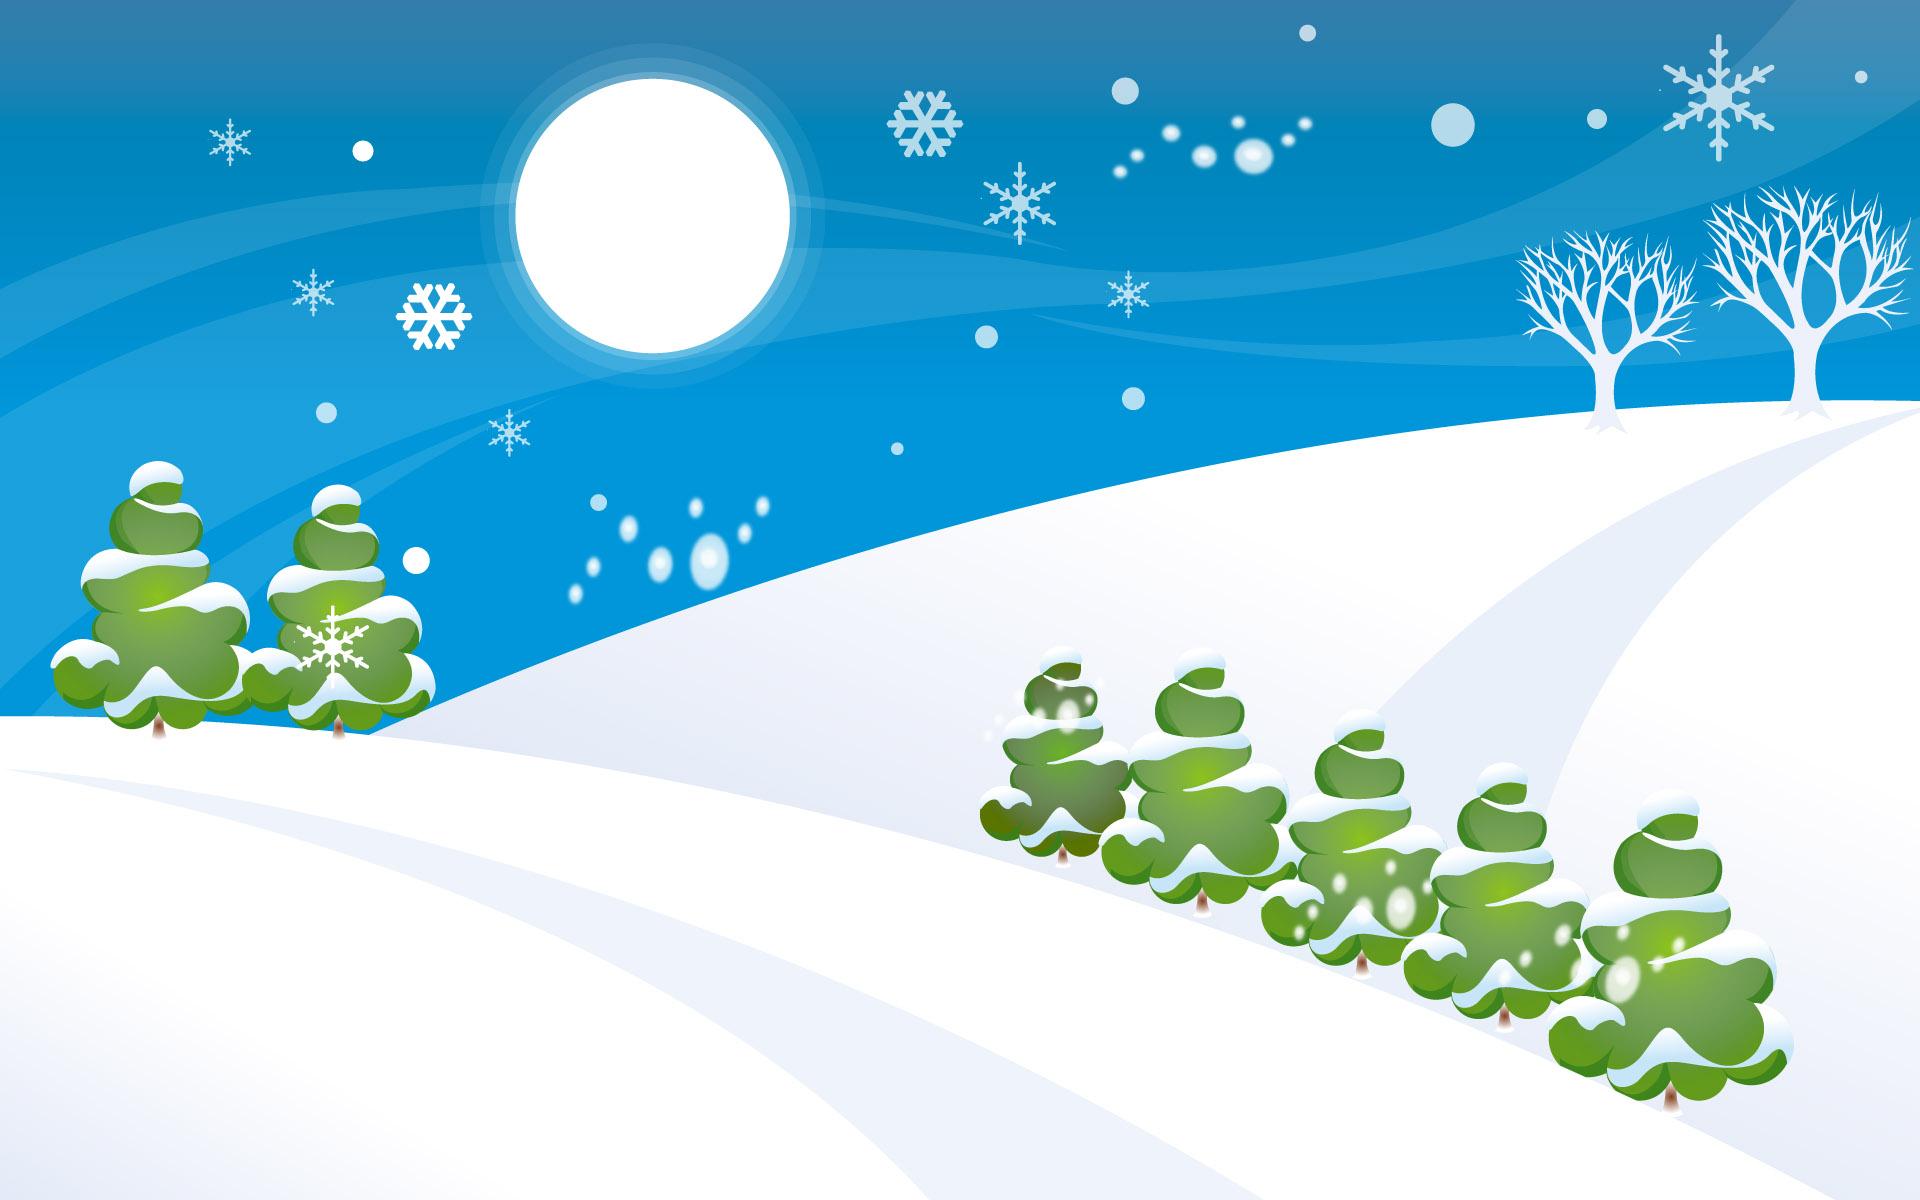 Dibujo con tema de navidad - 1920x1200